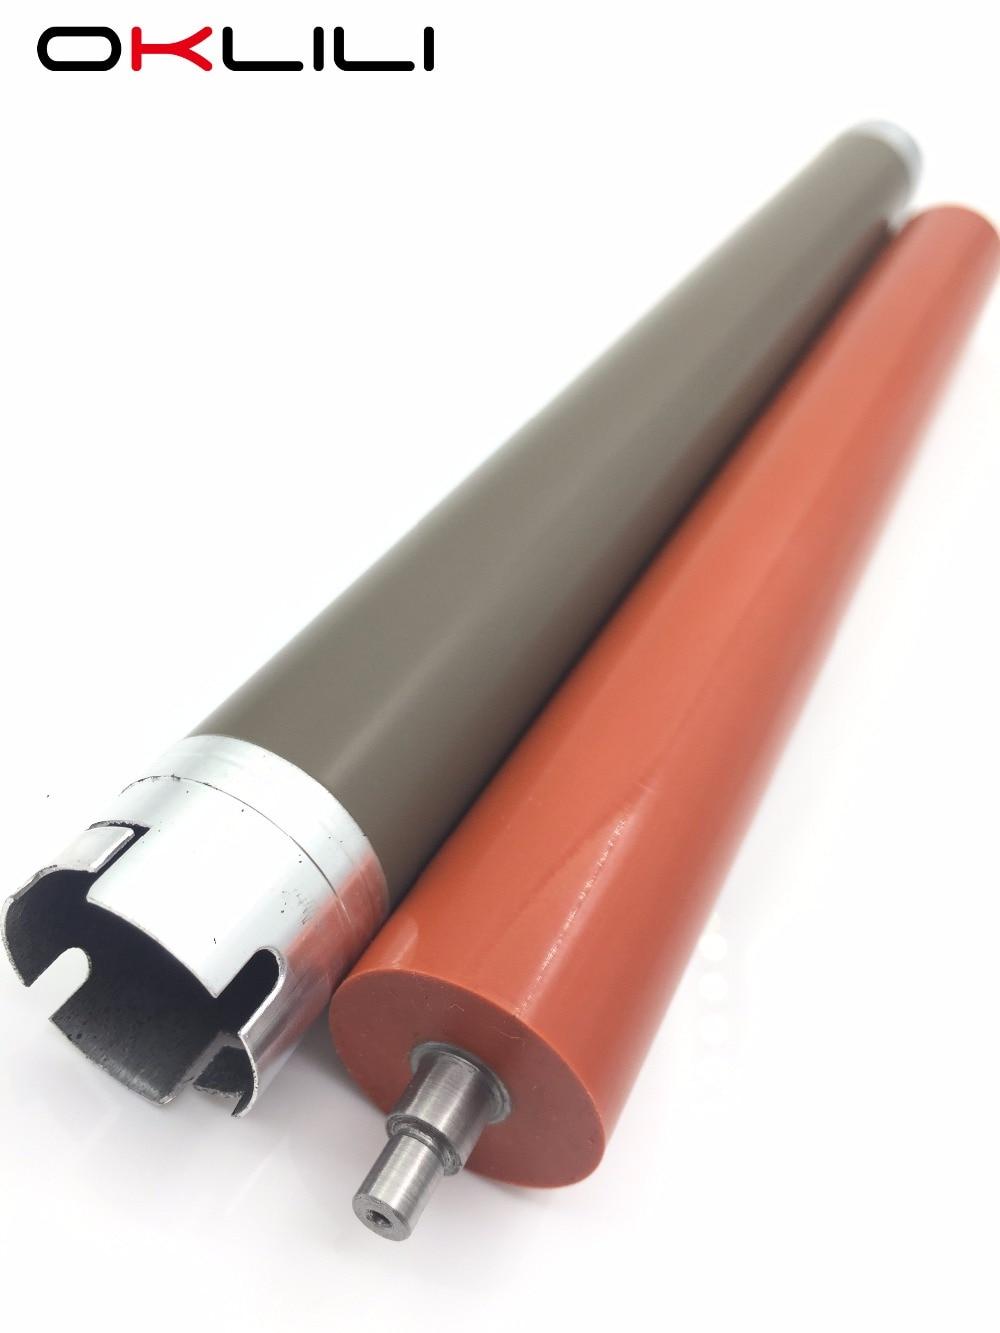 1SET X Upper Fuser Roller + Lower Pressure Roller For Brother DCP 8060 8065 8070 8080 8085 HL 5240 5250 5270 5280 5340 5350 5370